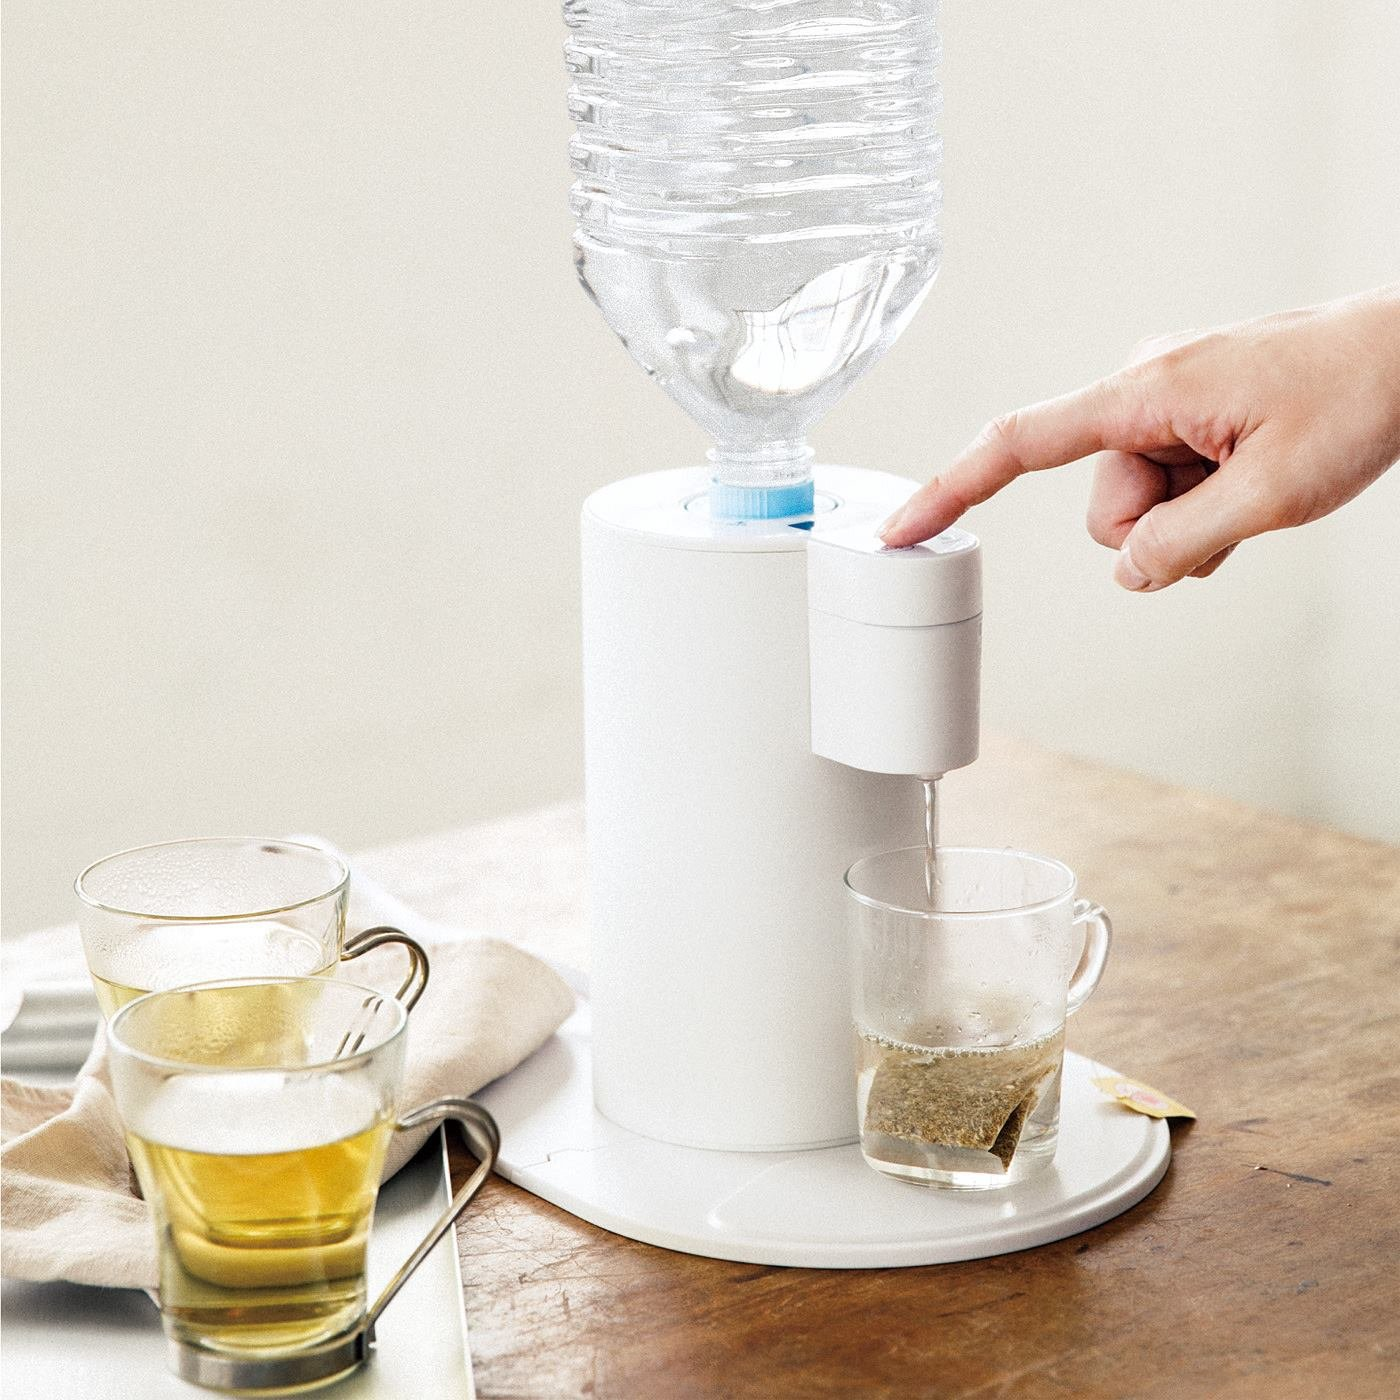 ペットボトルをさすだけ 2秒でお湯が出る卓上ホットウォーターサーバー